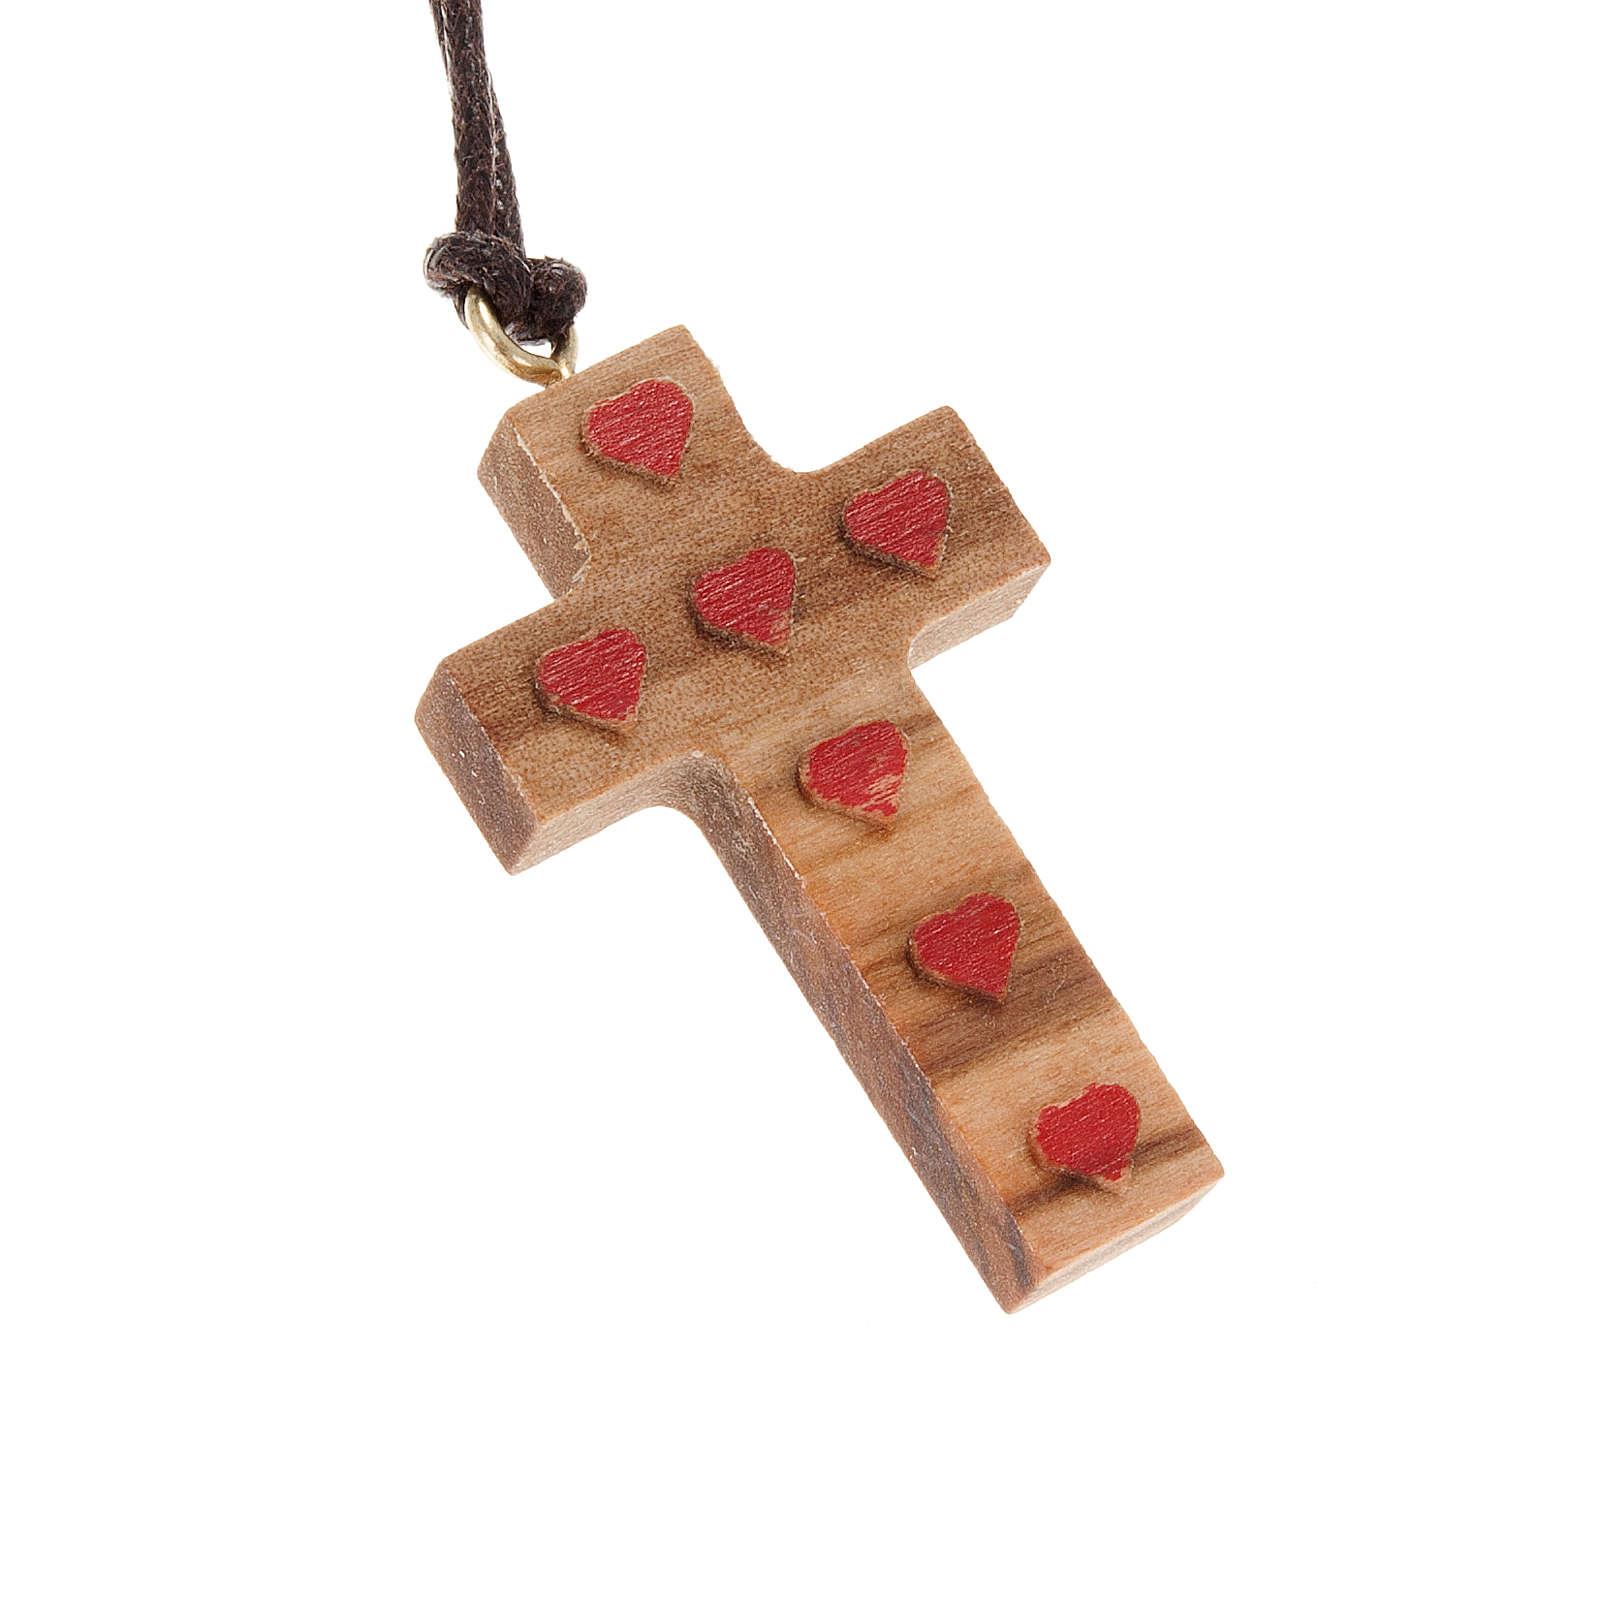 Cruz de olivo corazones rojos 4